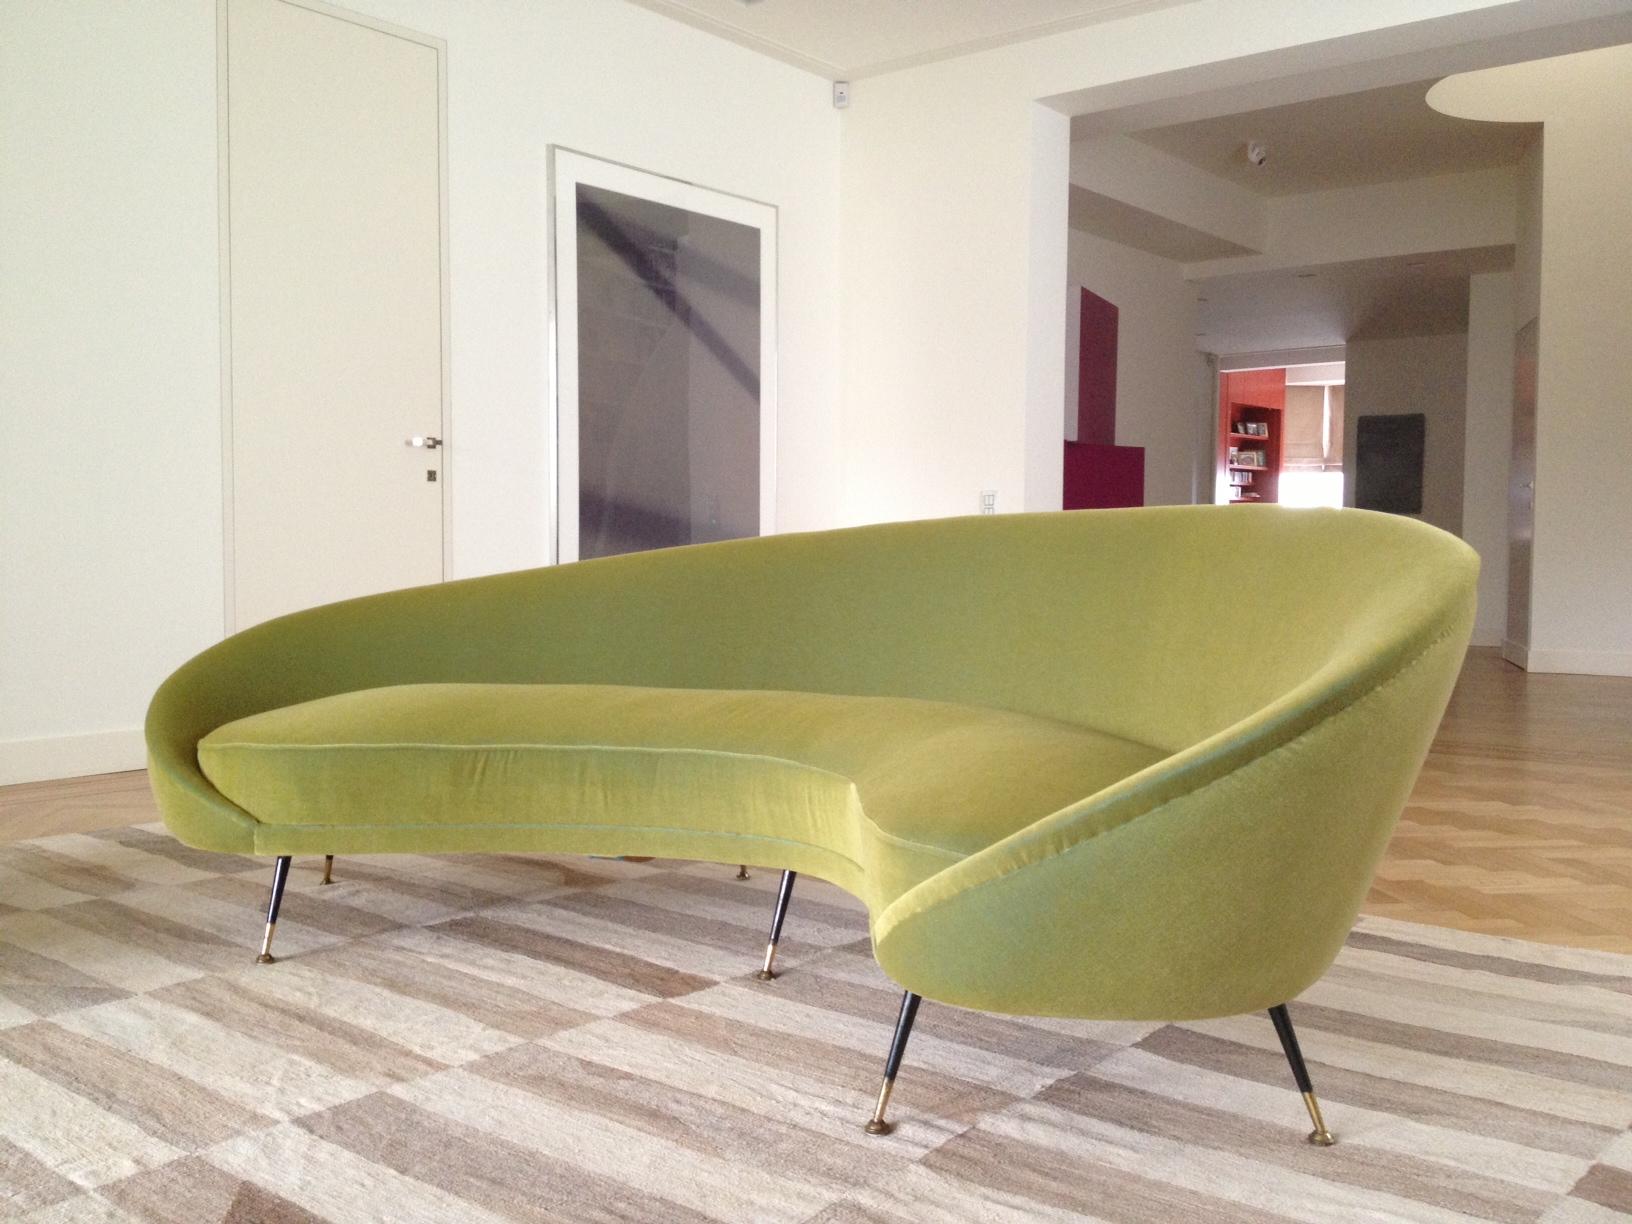 Comma sofa, Ico Parisi, 1957, Italy